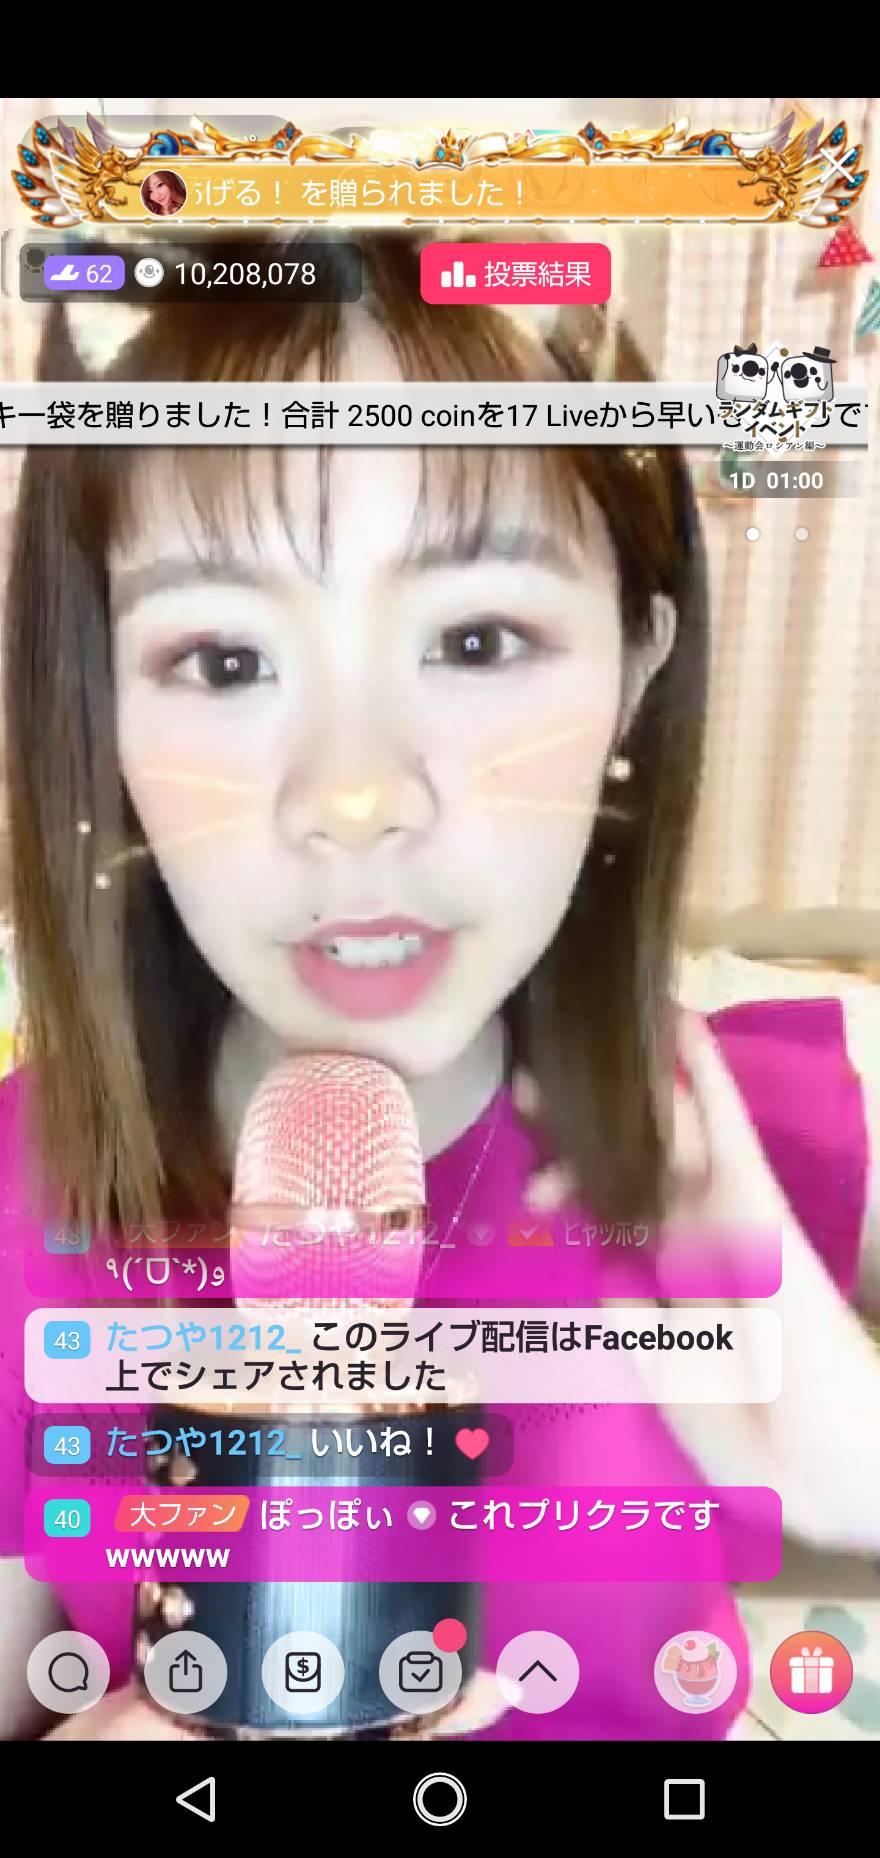 17Live(イチナナ)大阪のアイドルはるちゃぴ 6月配信お疲れ様♪